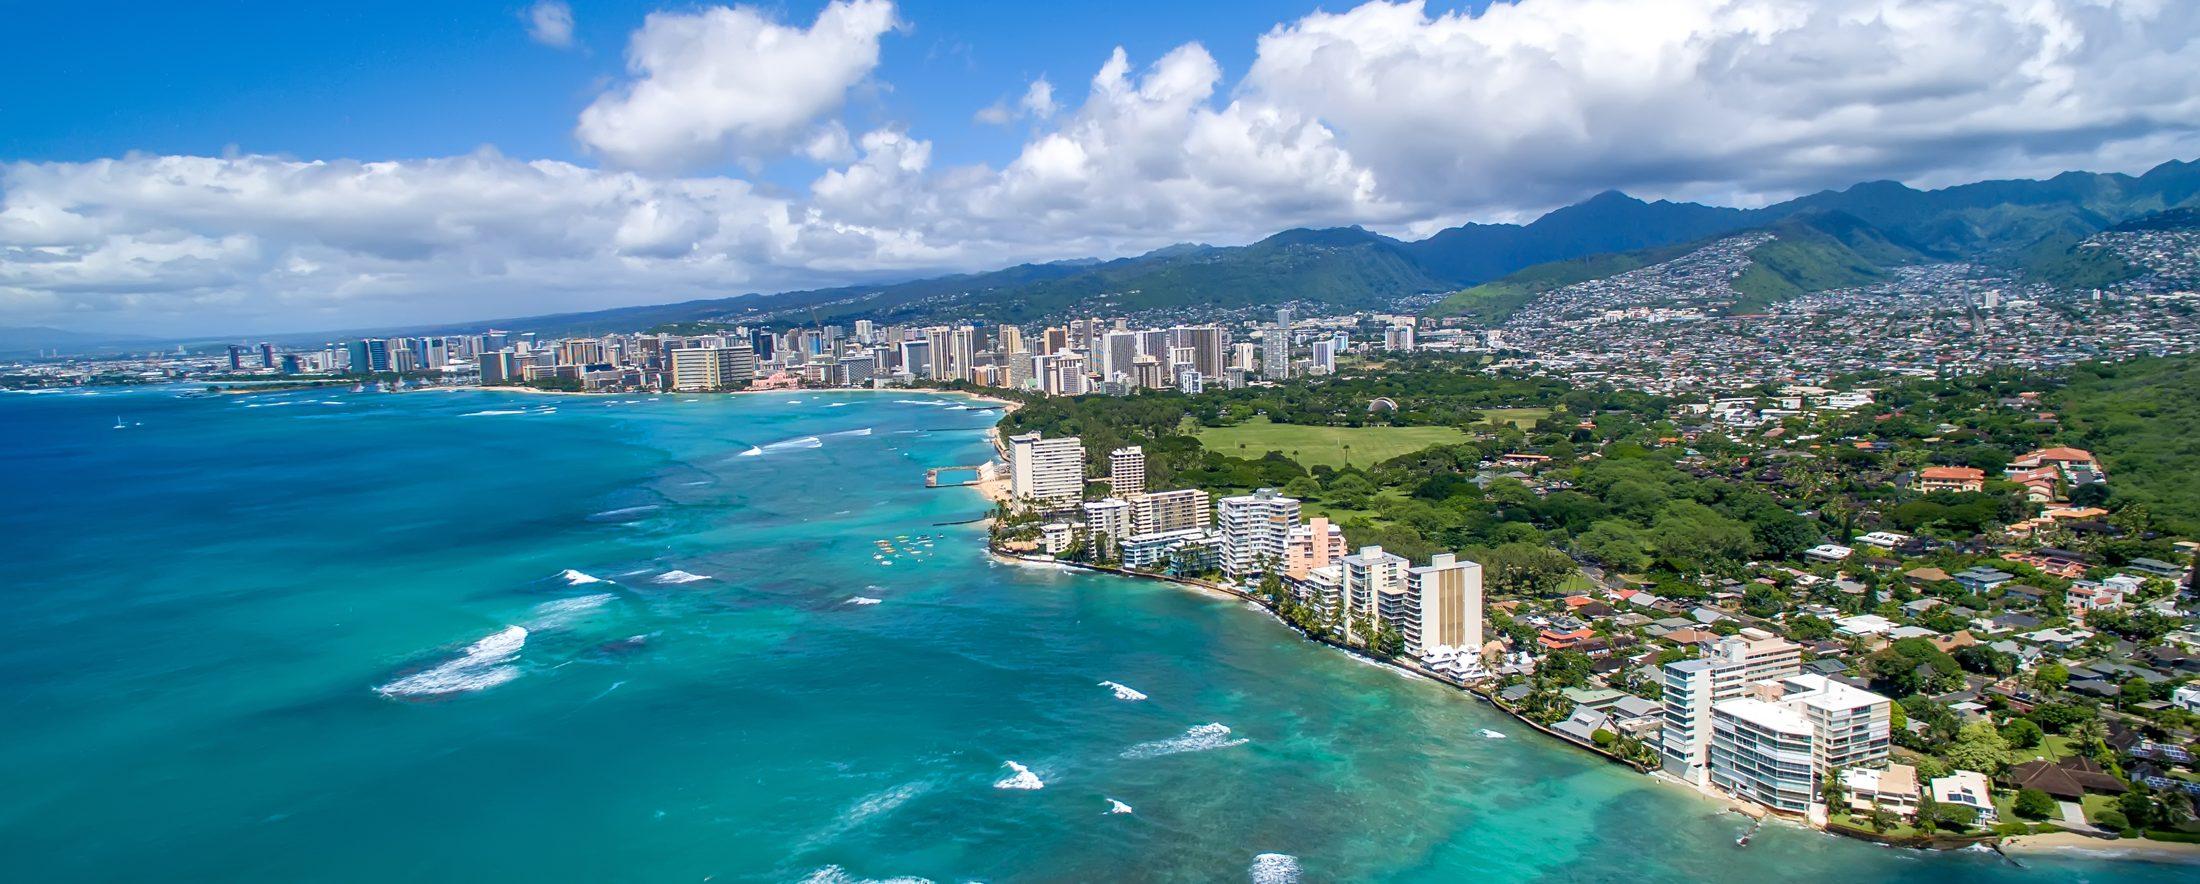 Homepage Slider – Waikiki Coast